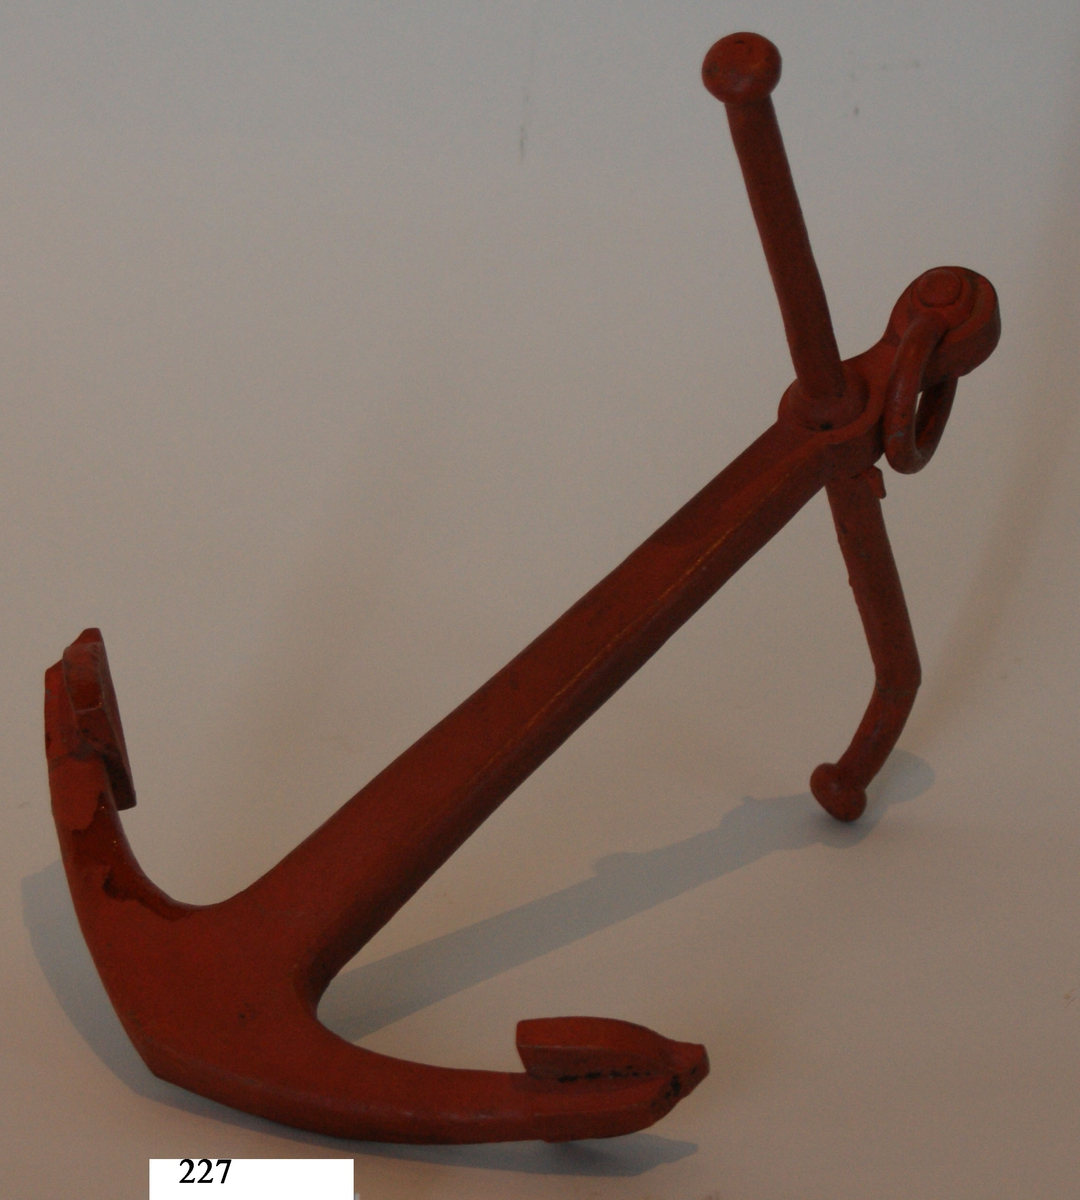 Skeppsankare, modell av trä, röringen av järn, rödmålad. Troligen från 1700-talet.